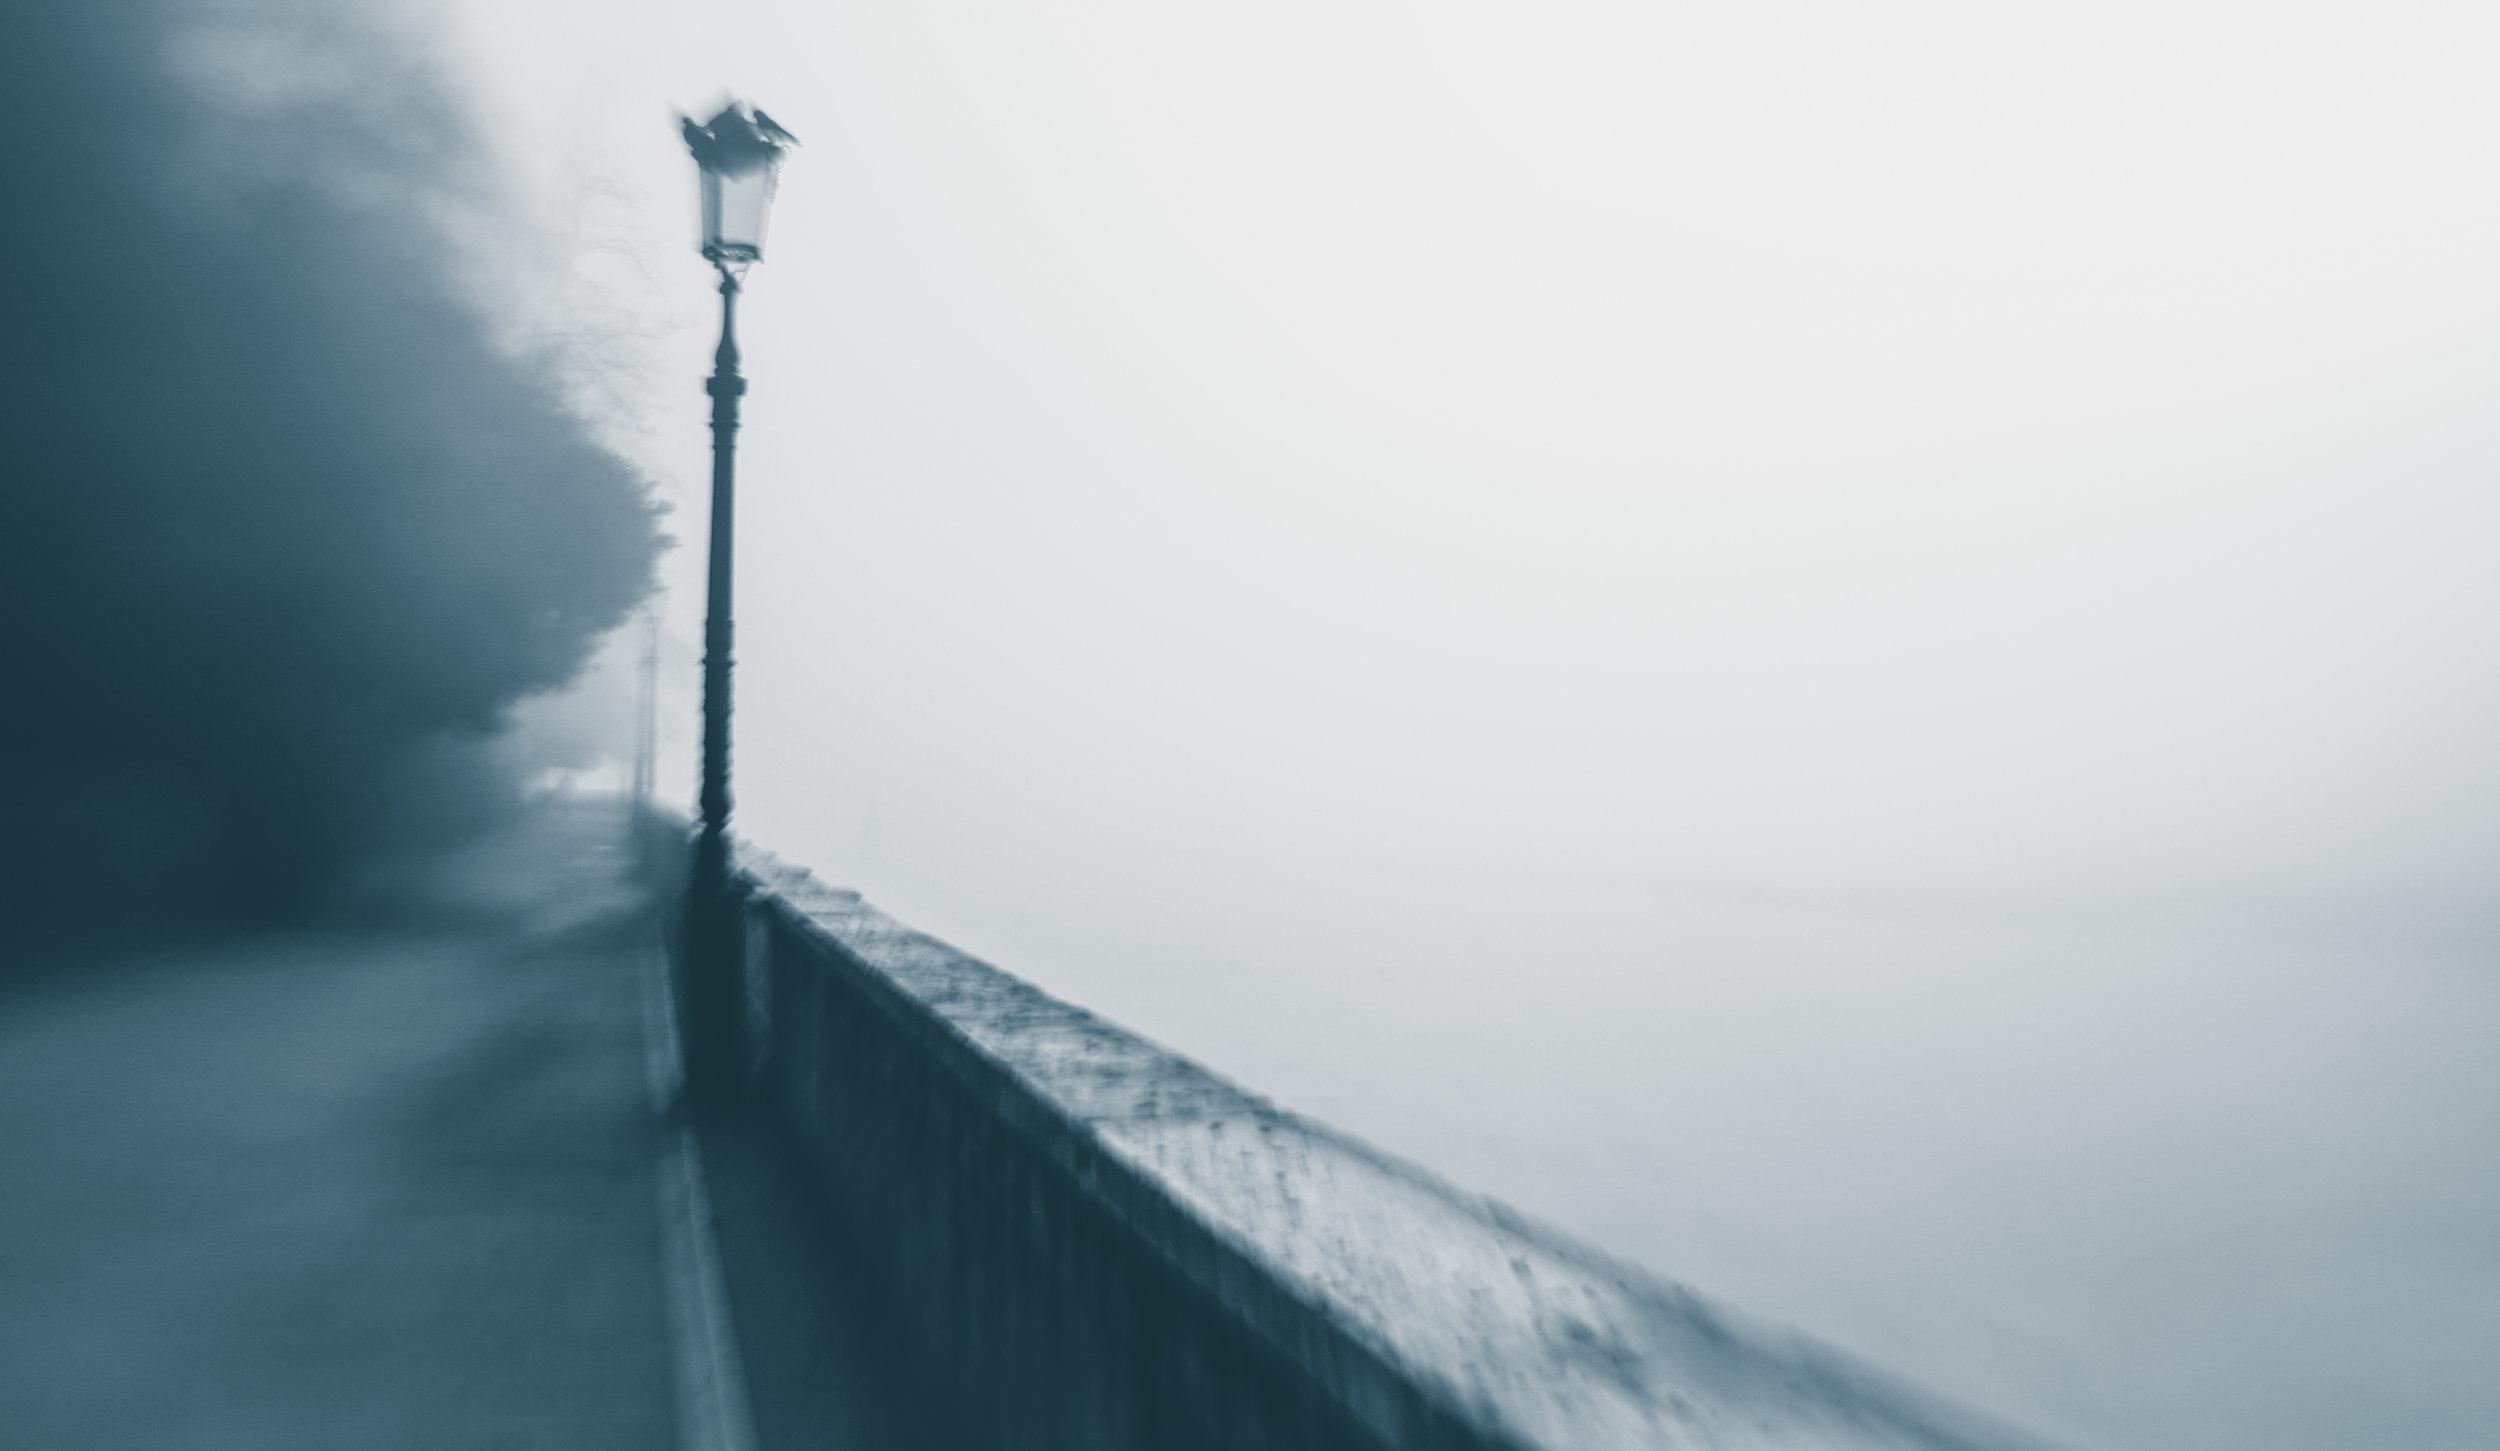 20181229_veniceLB_castello_fog-60.jpg